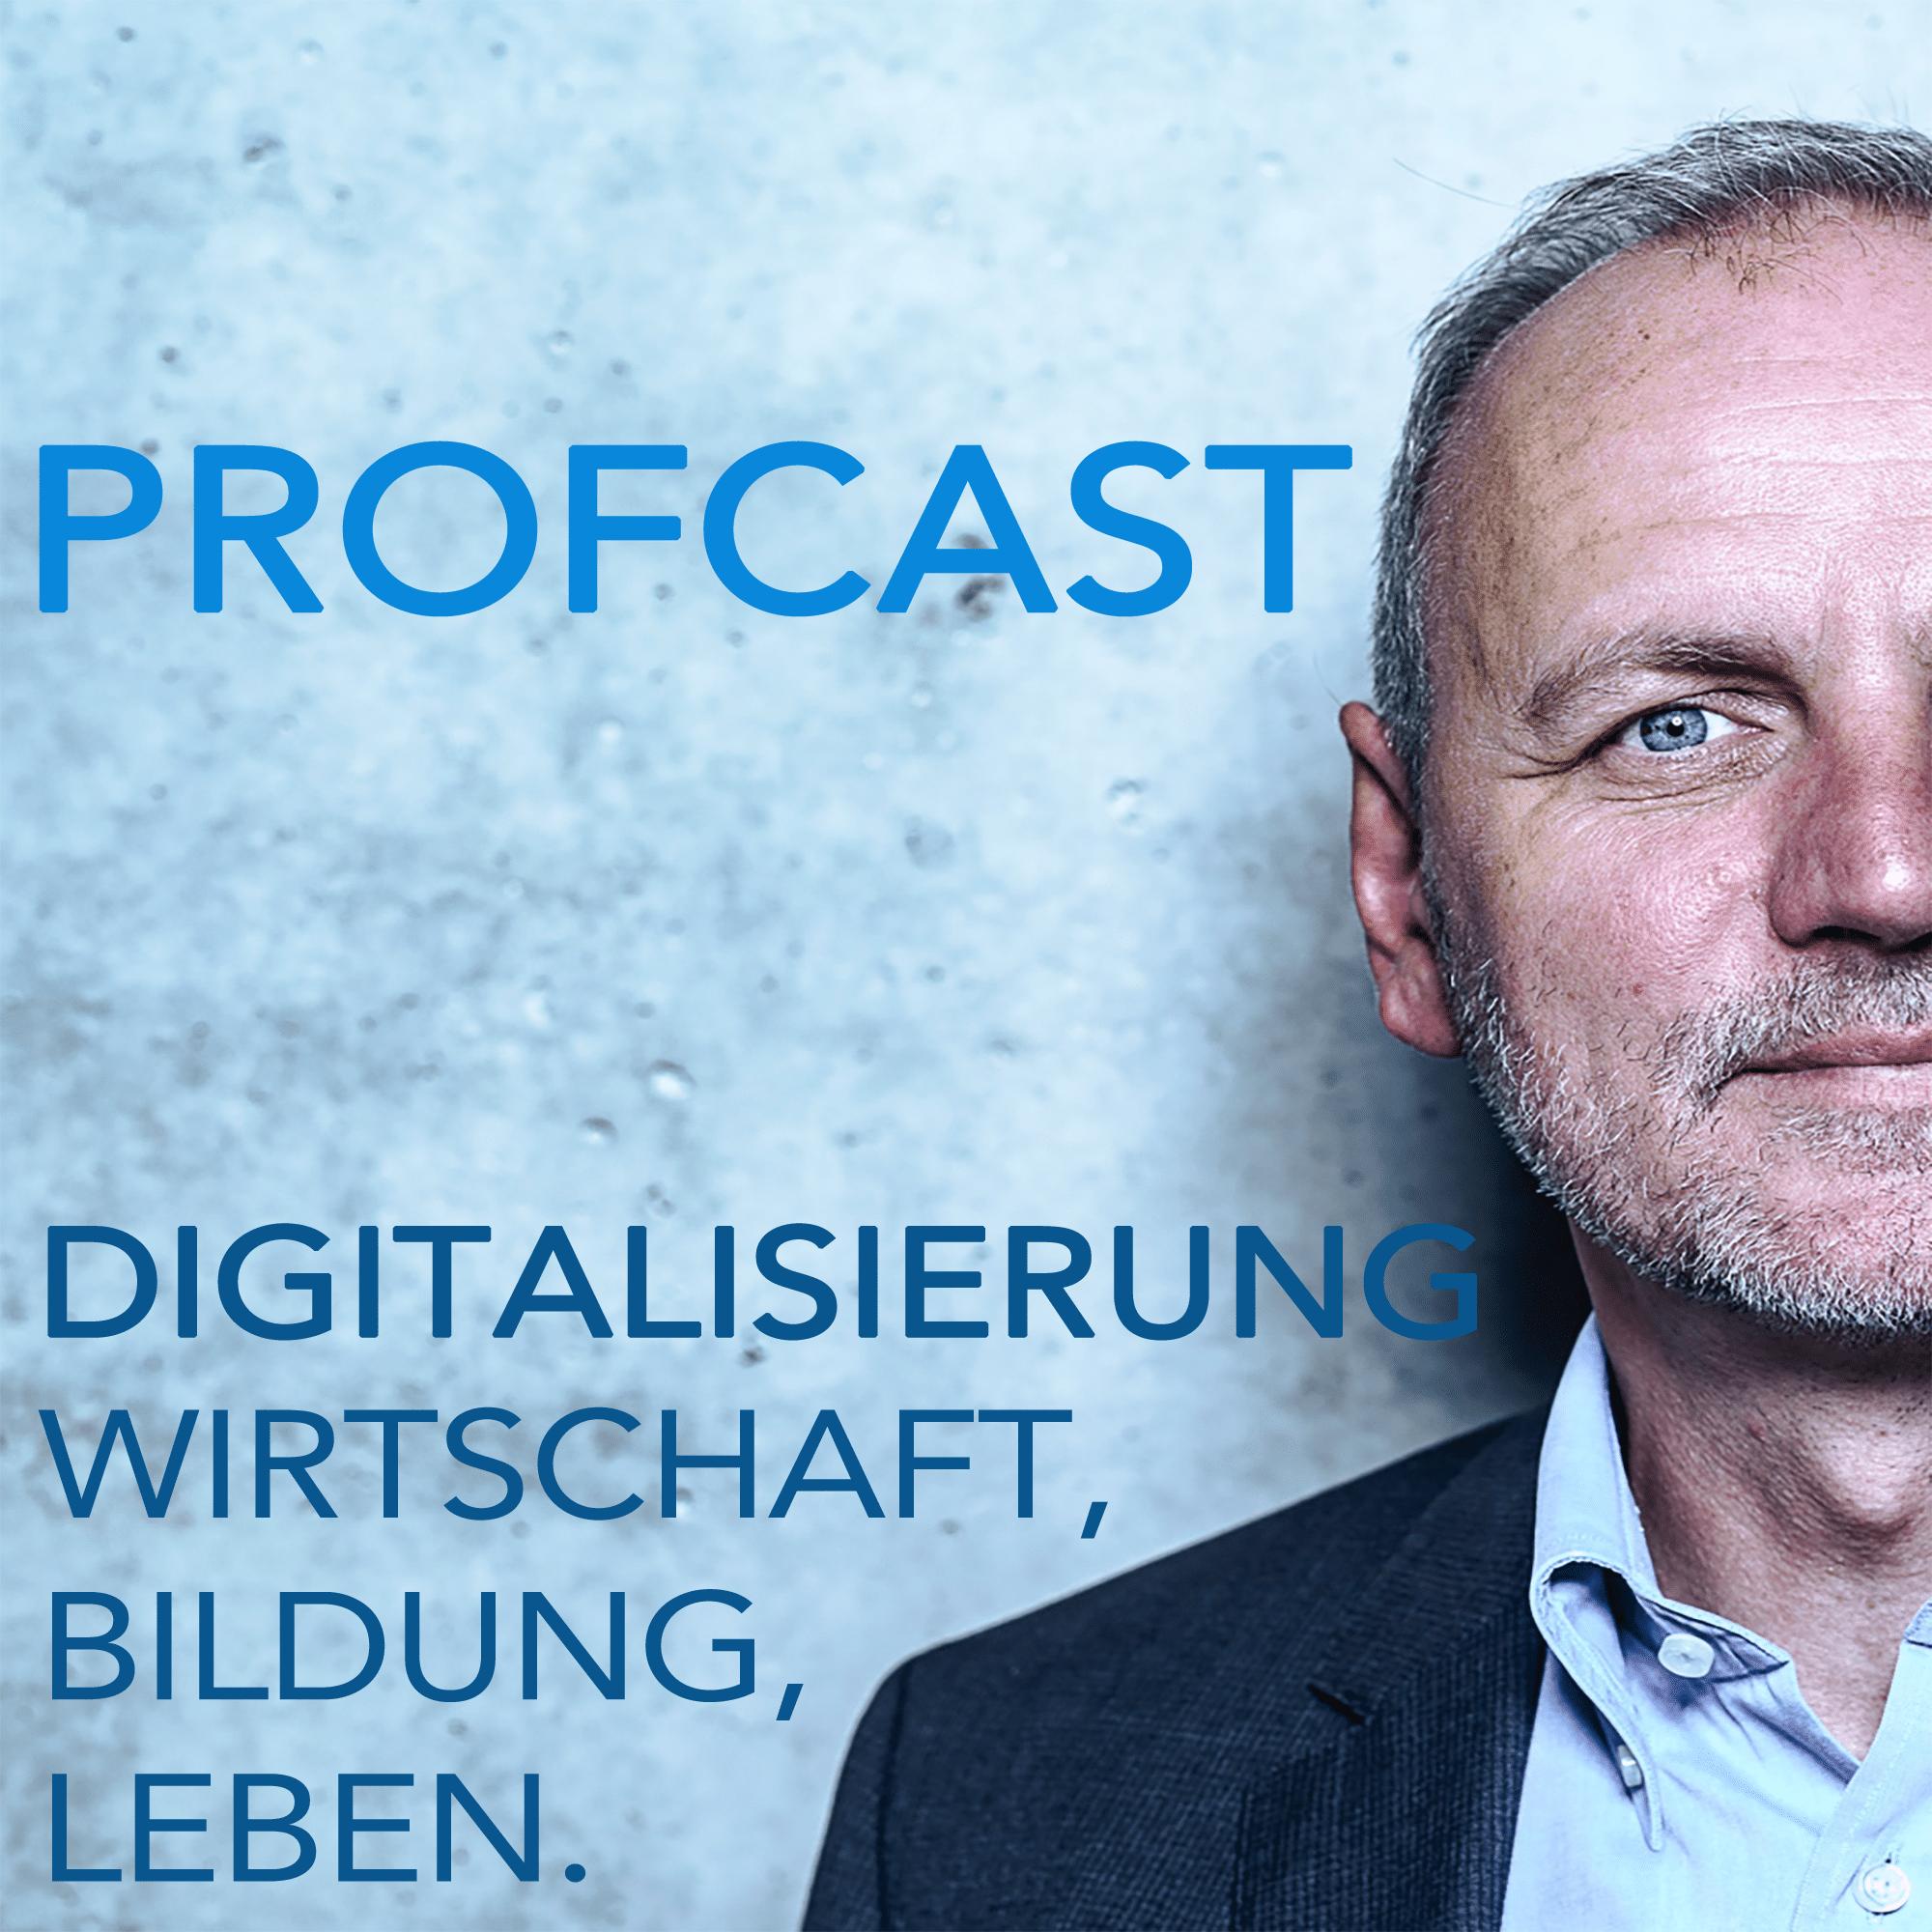 Profcast – Der Podcast übe das Digitale Leben